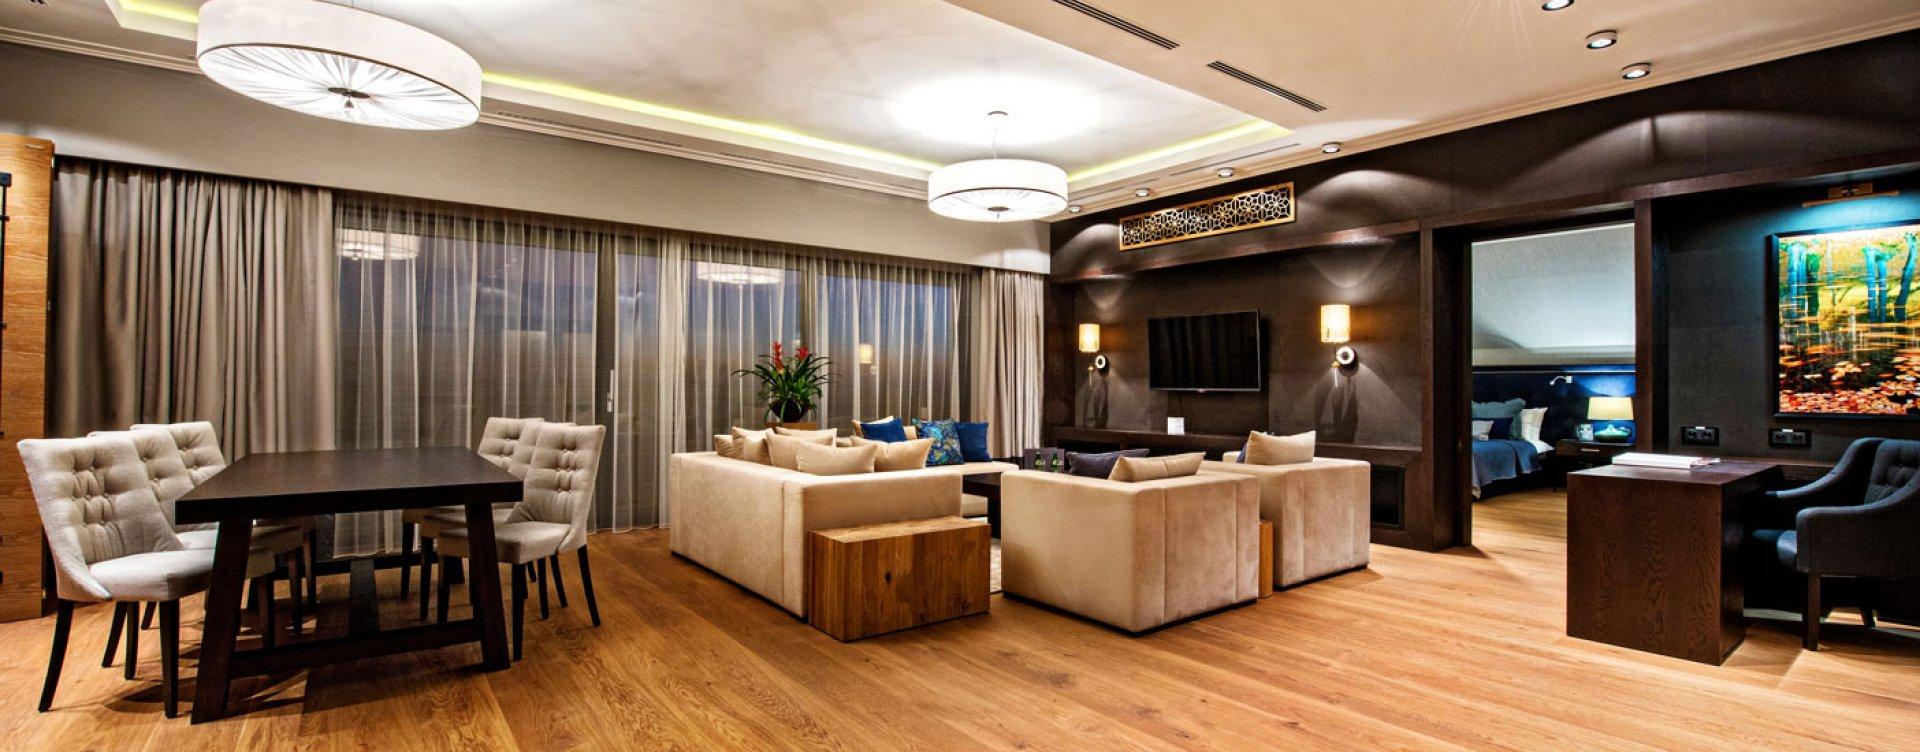 Apartament Prezydencki 2-poziomowy + Pakiet VIP Hotel